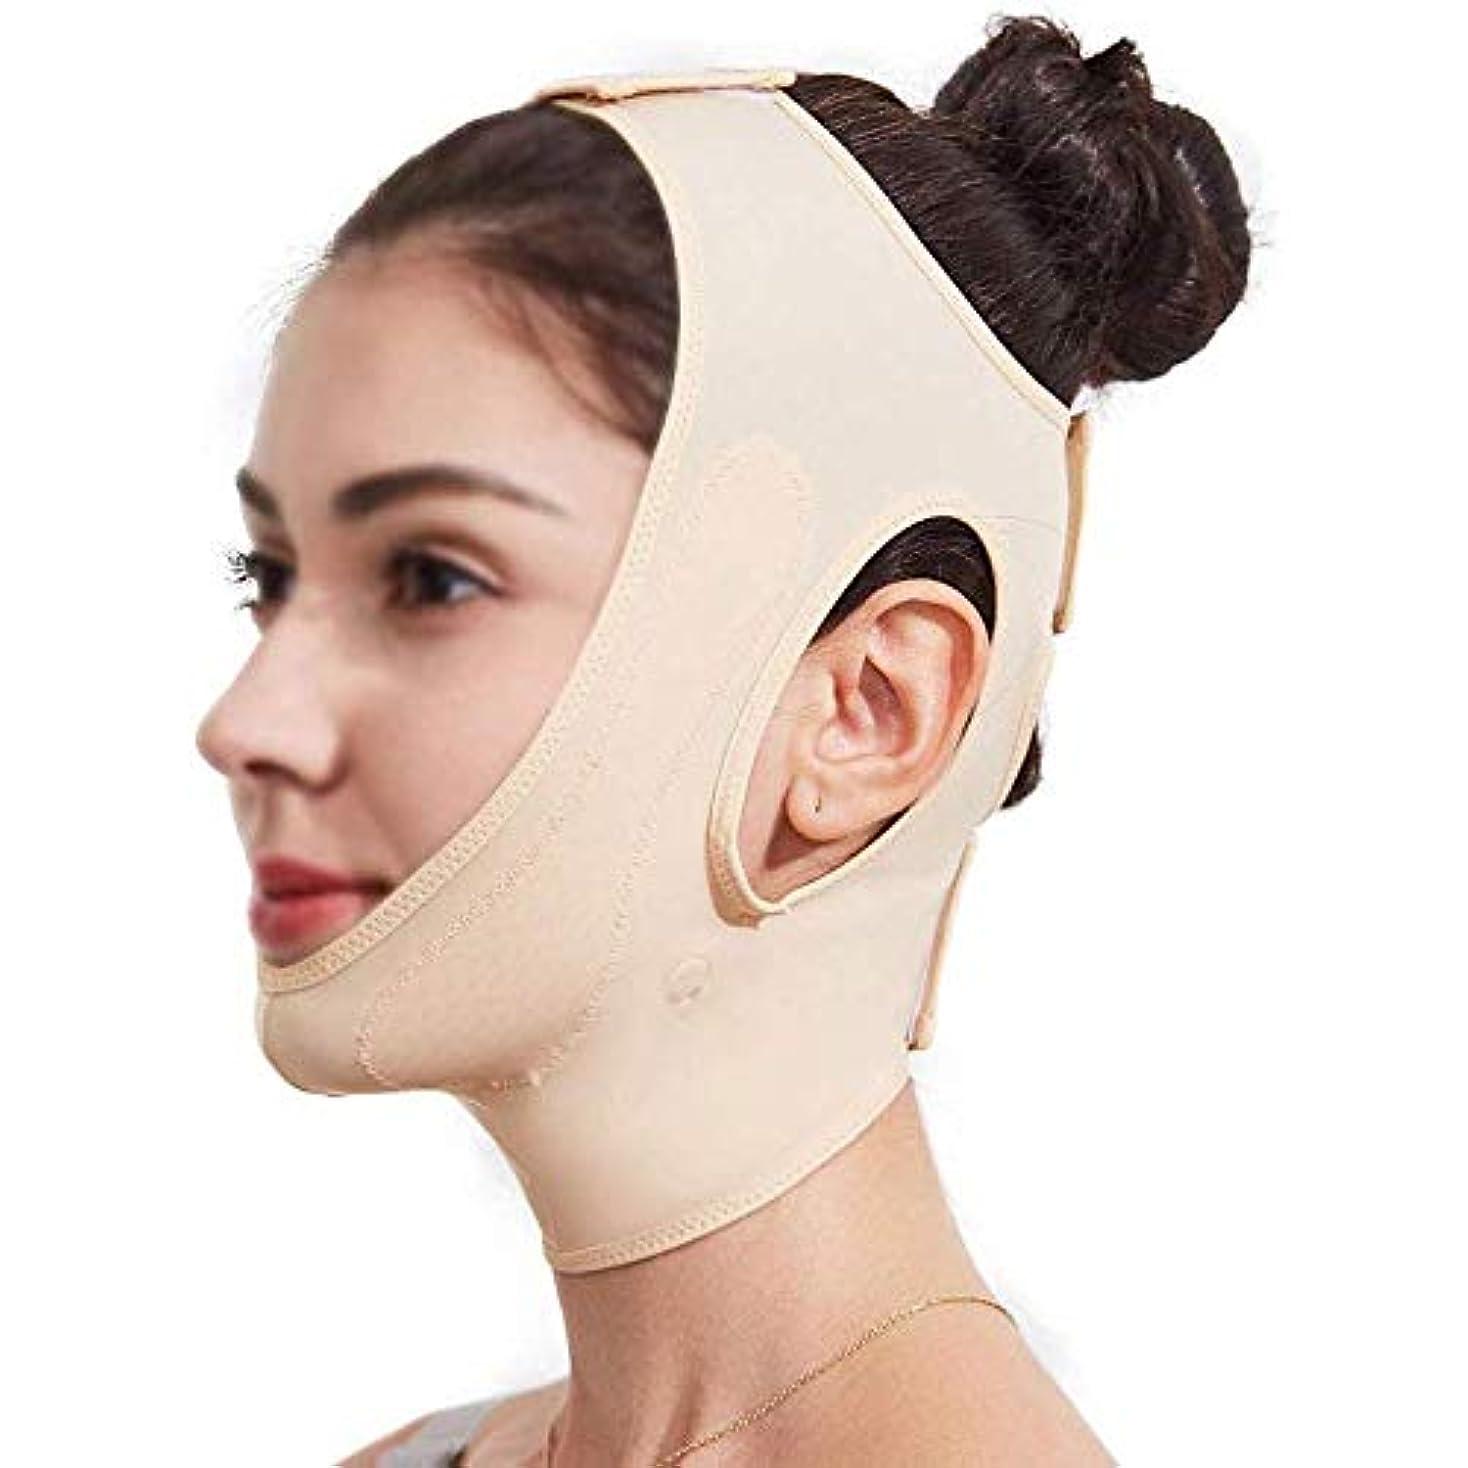 エネルギータイプライターパンHEMFV 顔のリフトスリミングベルトは、スリムリフトコンパクト顔の皮膚のためのスキン包帯二重あごスリミングベルトを締め (Color : Skin color)